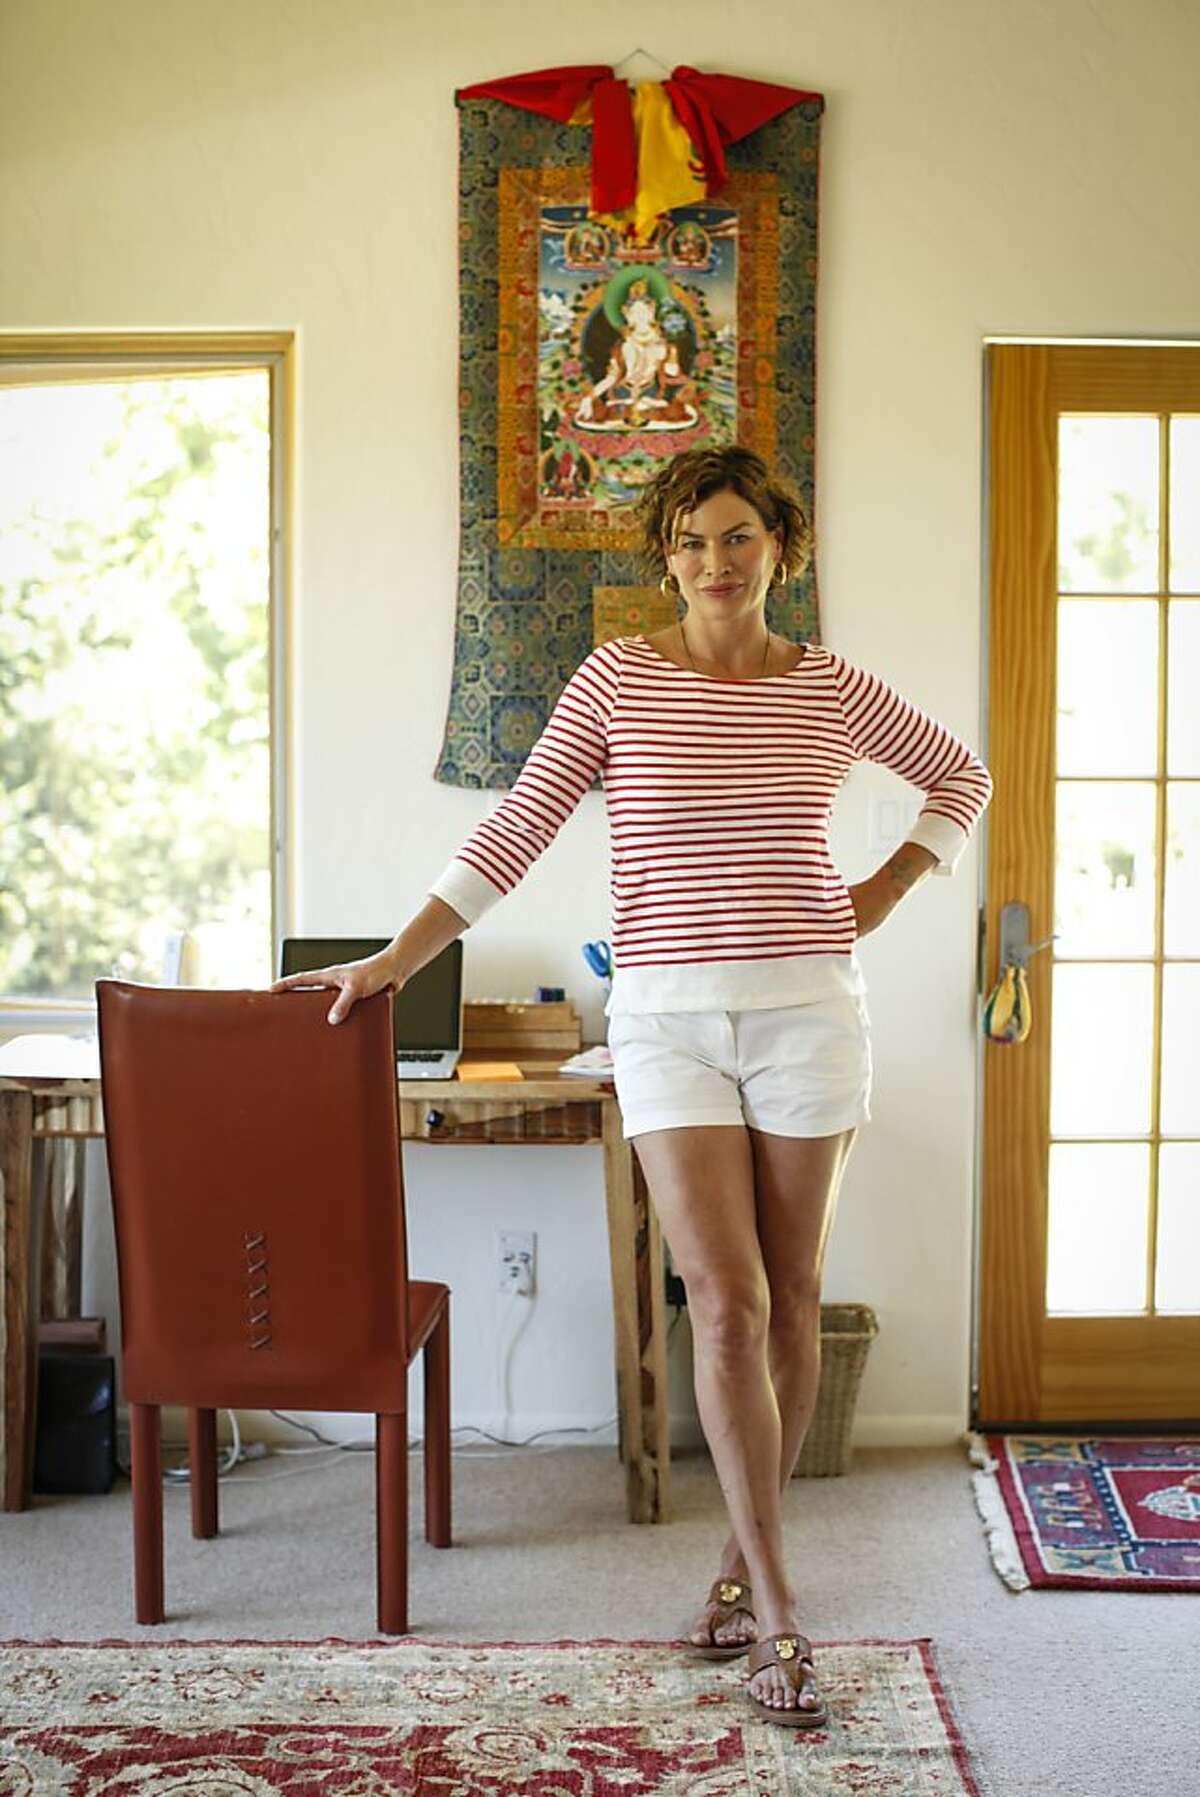 Model Carre Otis is seen at her Sebastopol, Calif., home on Thursday, July 5, 2012.